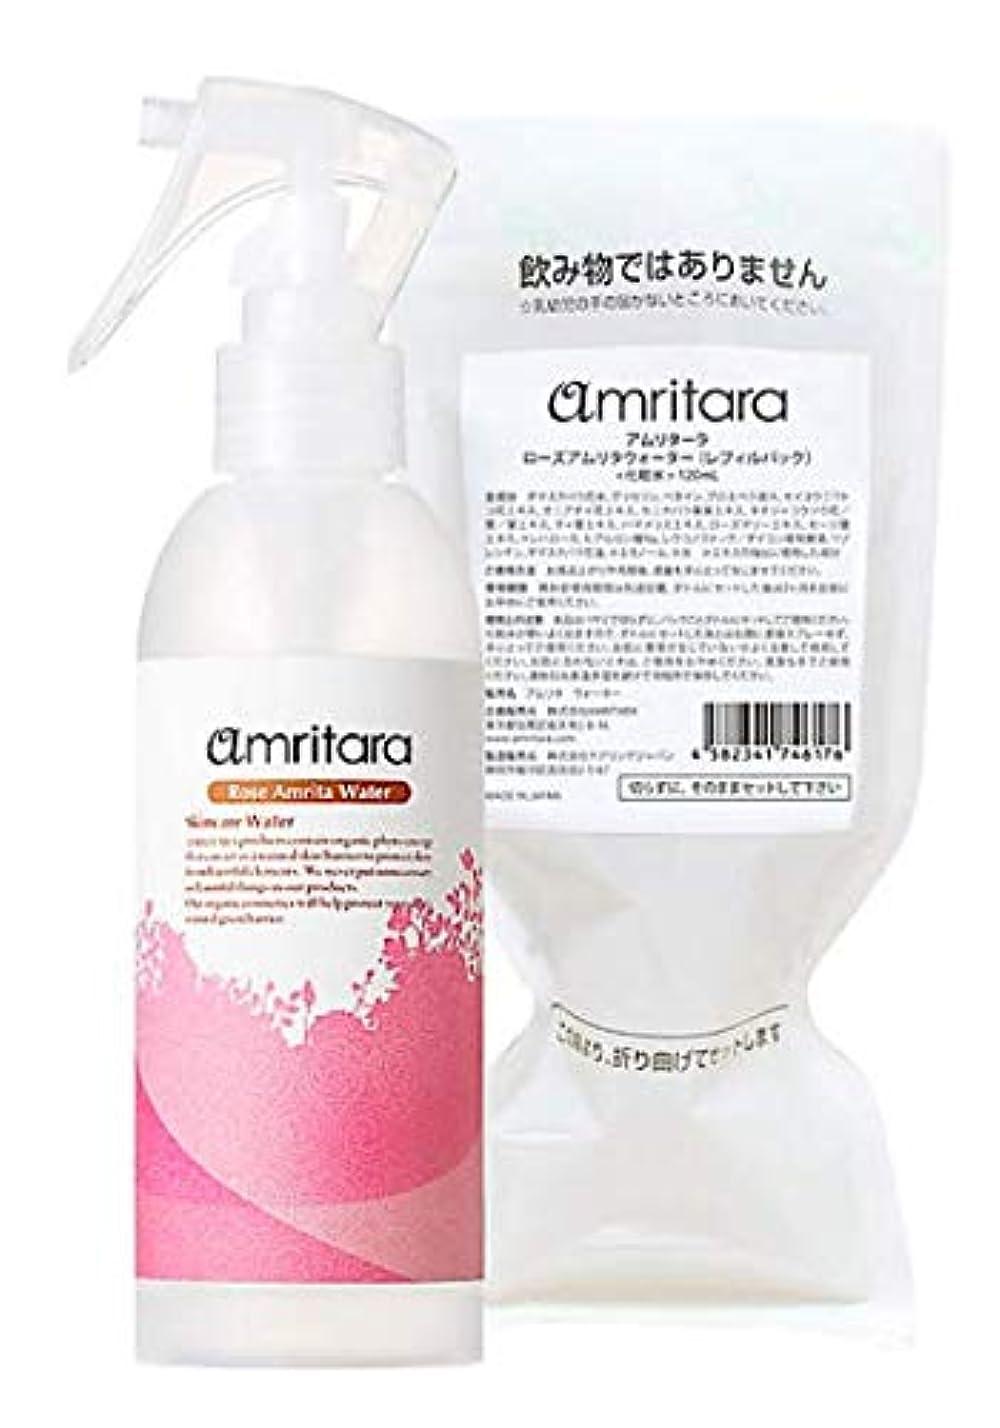 具体的に予想外招待amritara(アムリターラ) ローズアムリタウォーター セット 120mL(レフィルと空ボトルのセット)